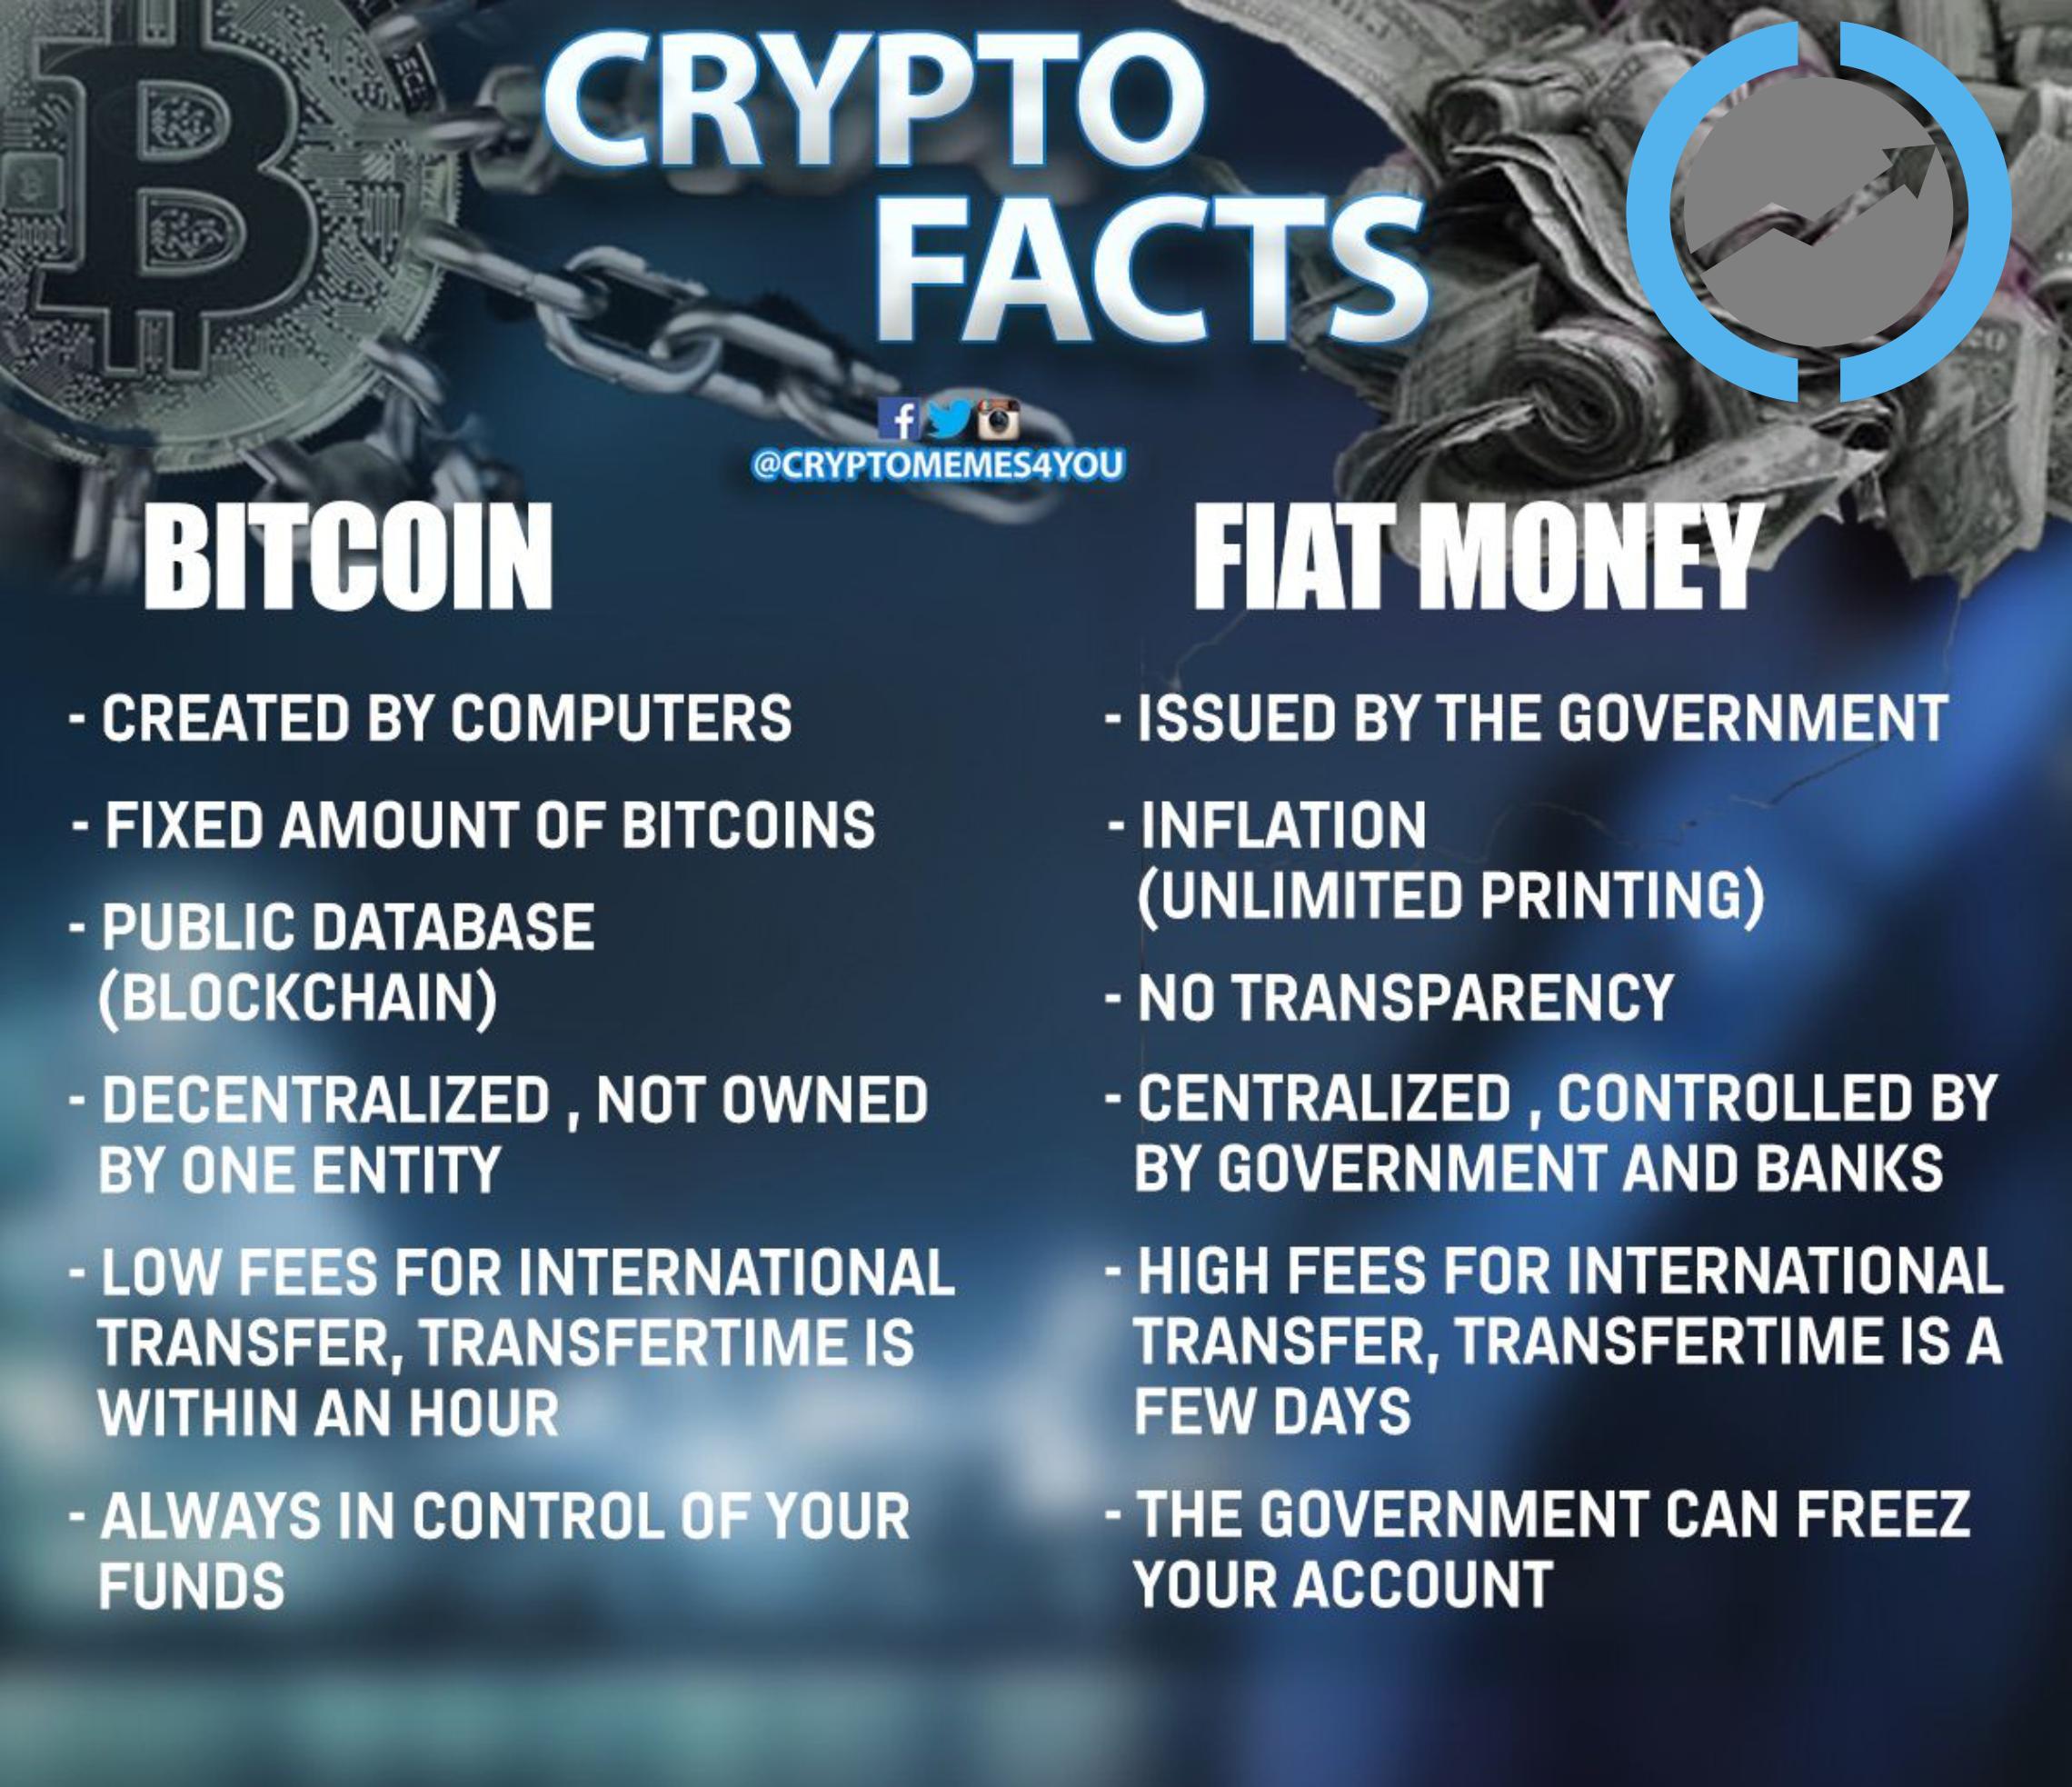 btc ultima data acquista bitcoin con paypal senza verifica